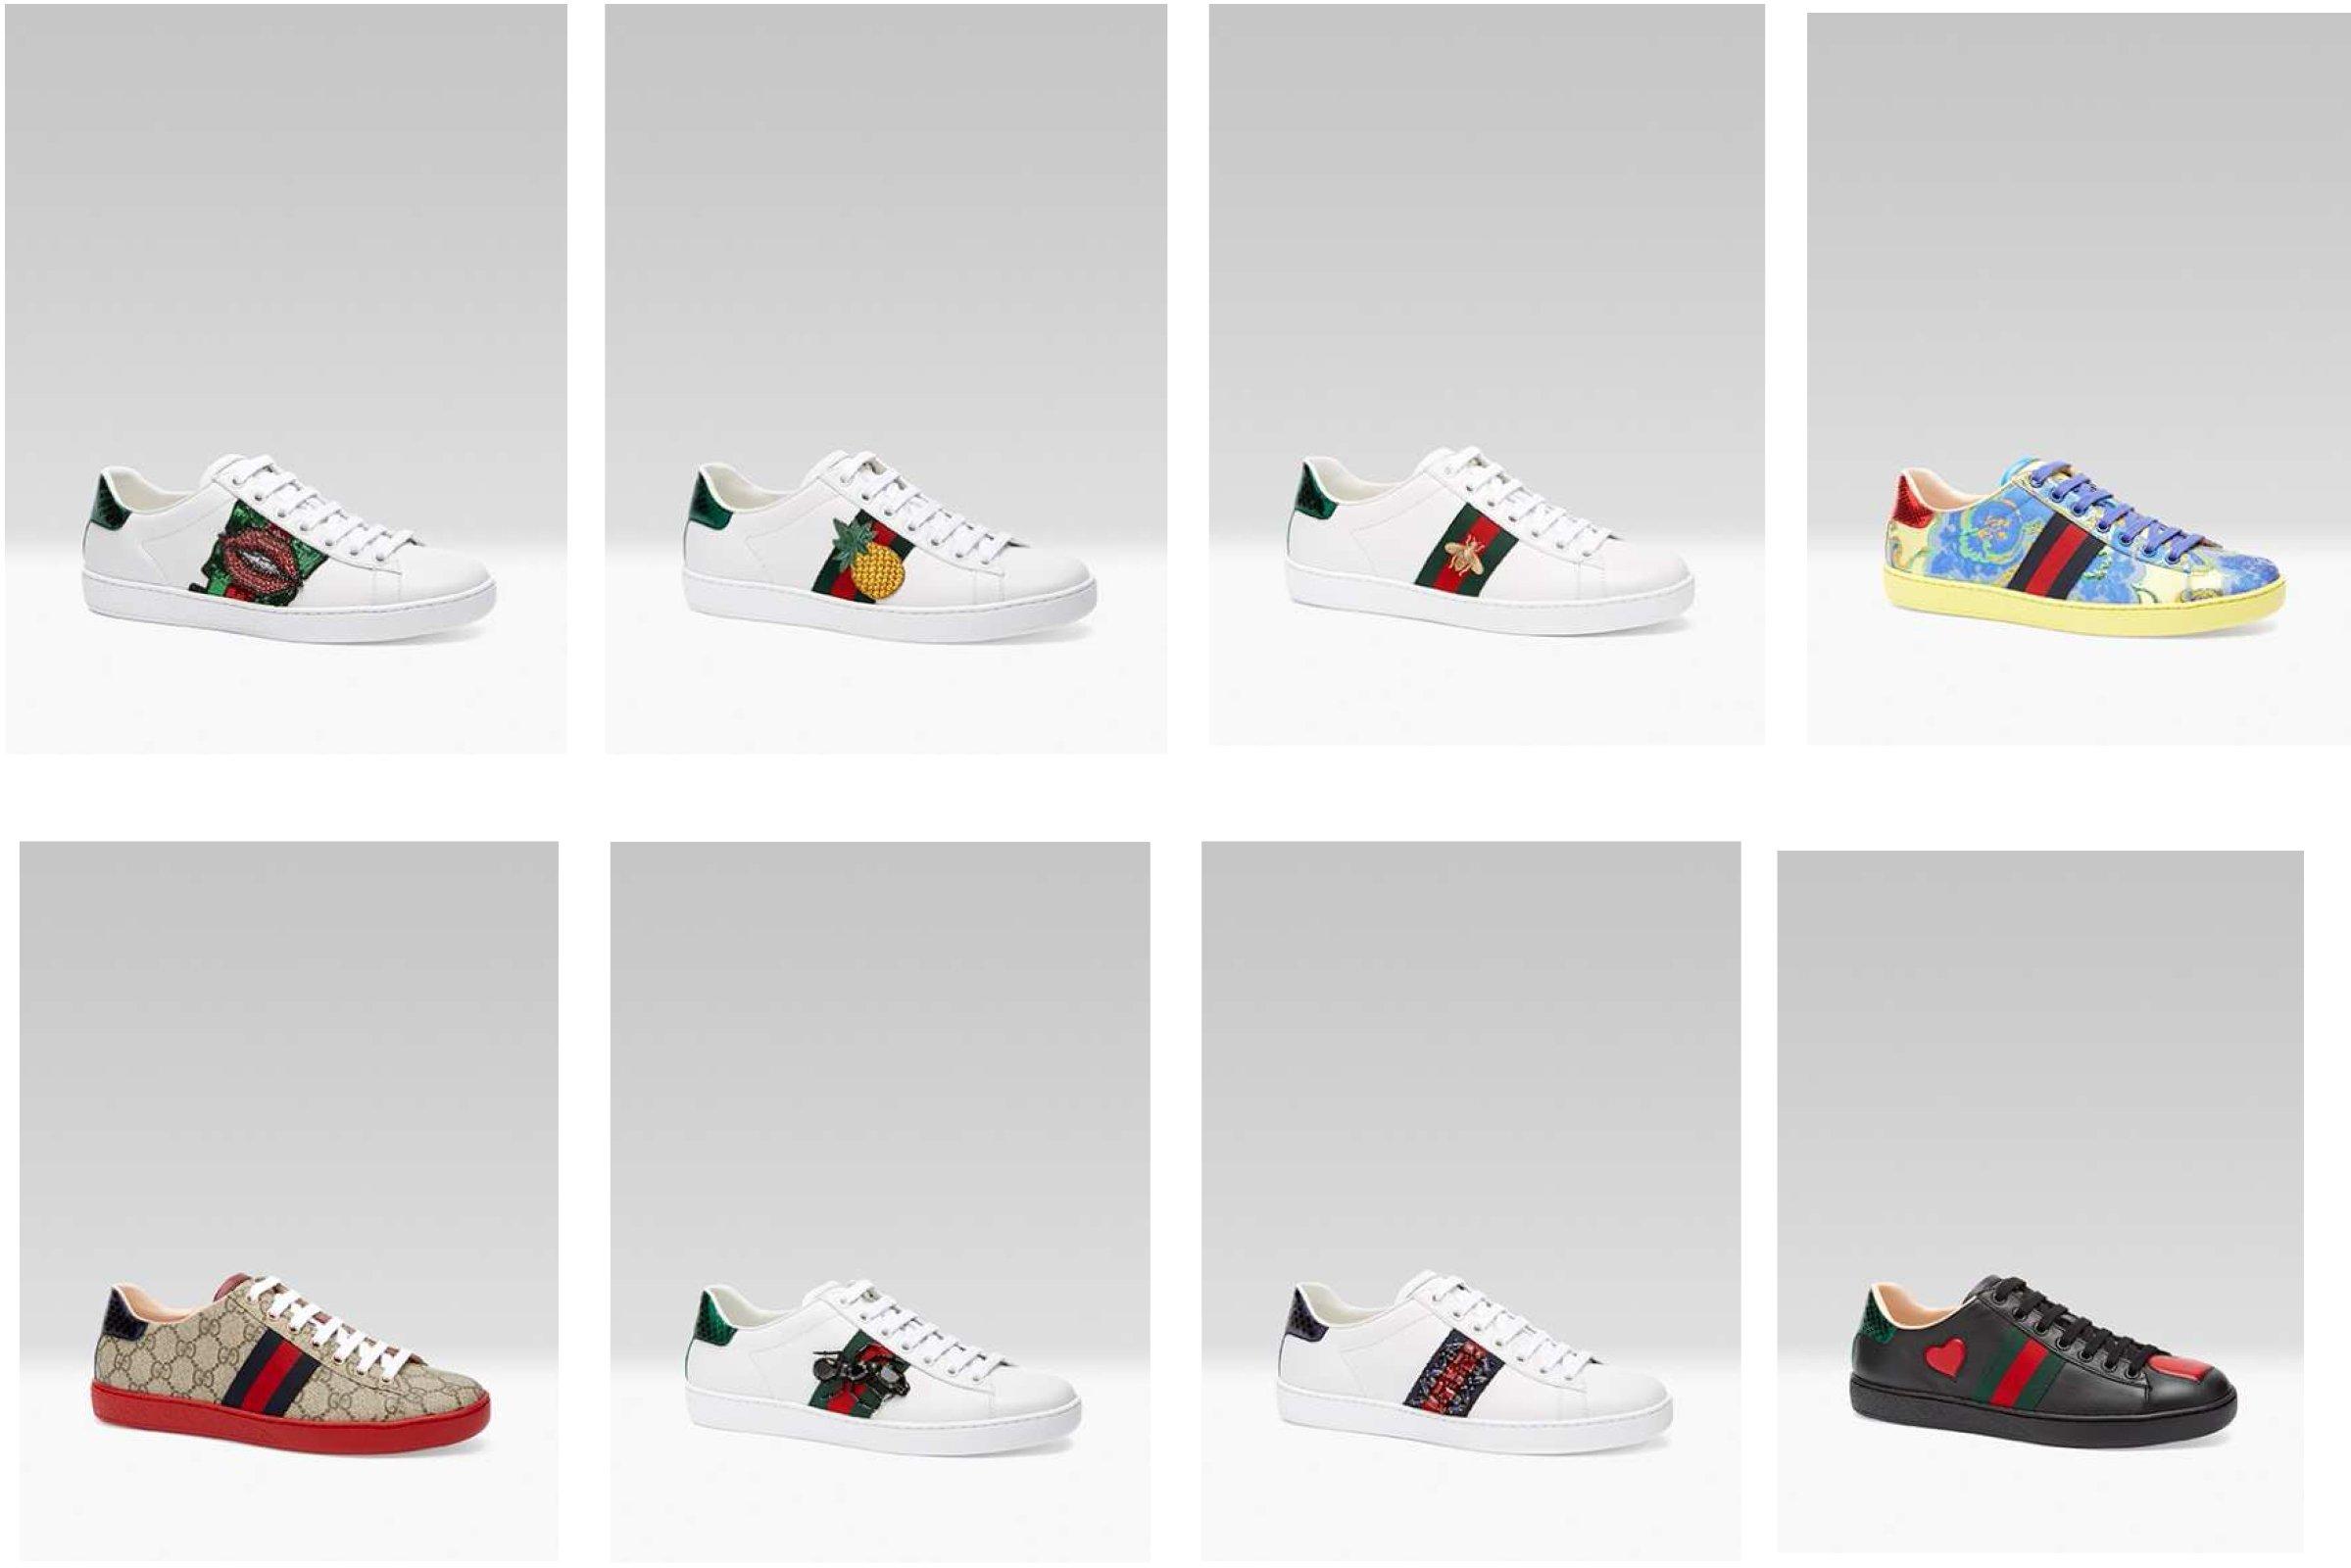 9ea9de11d69 Hottest Gucci Sneakers of 2017 - Big Brand Boys